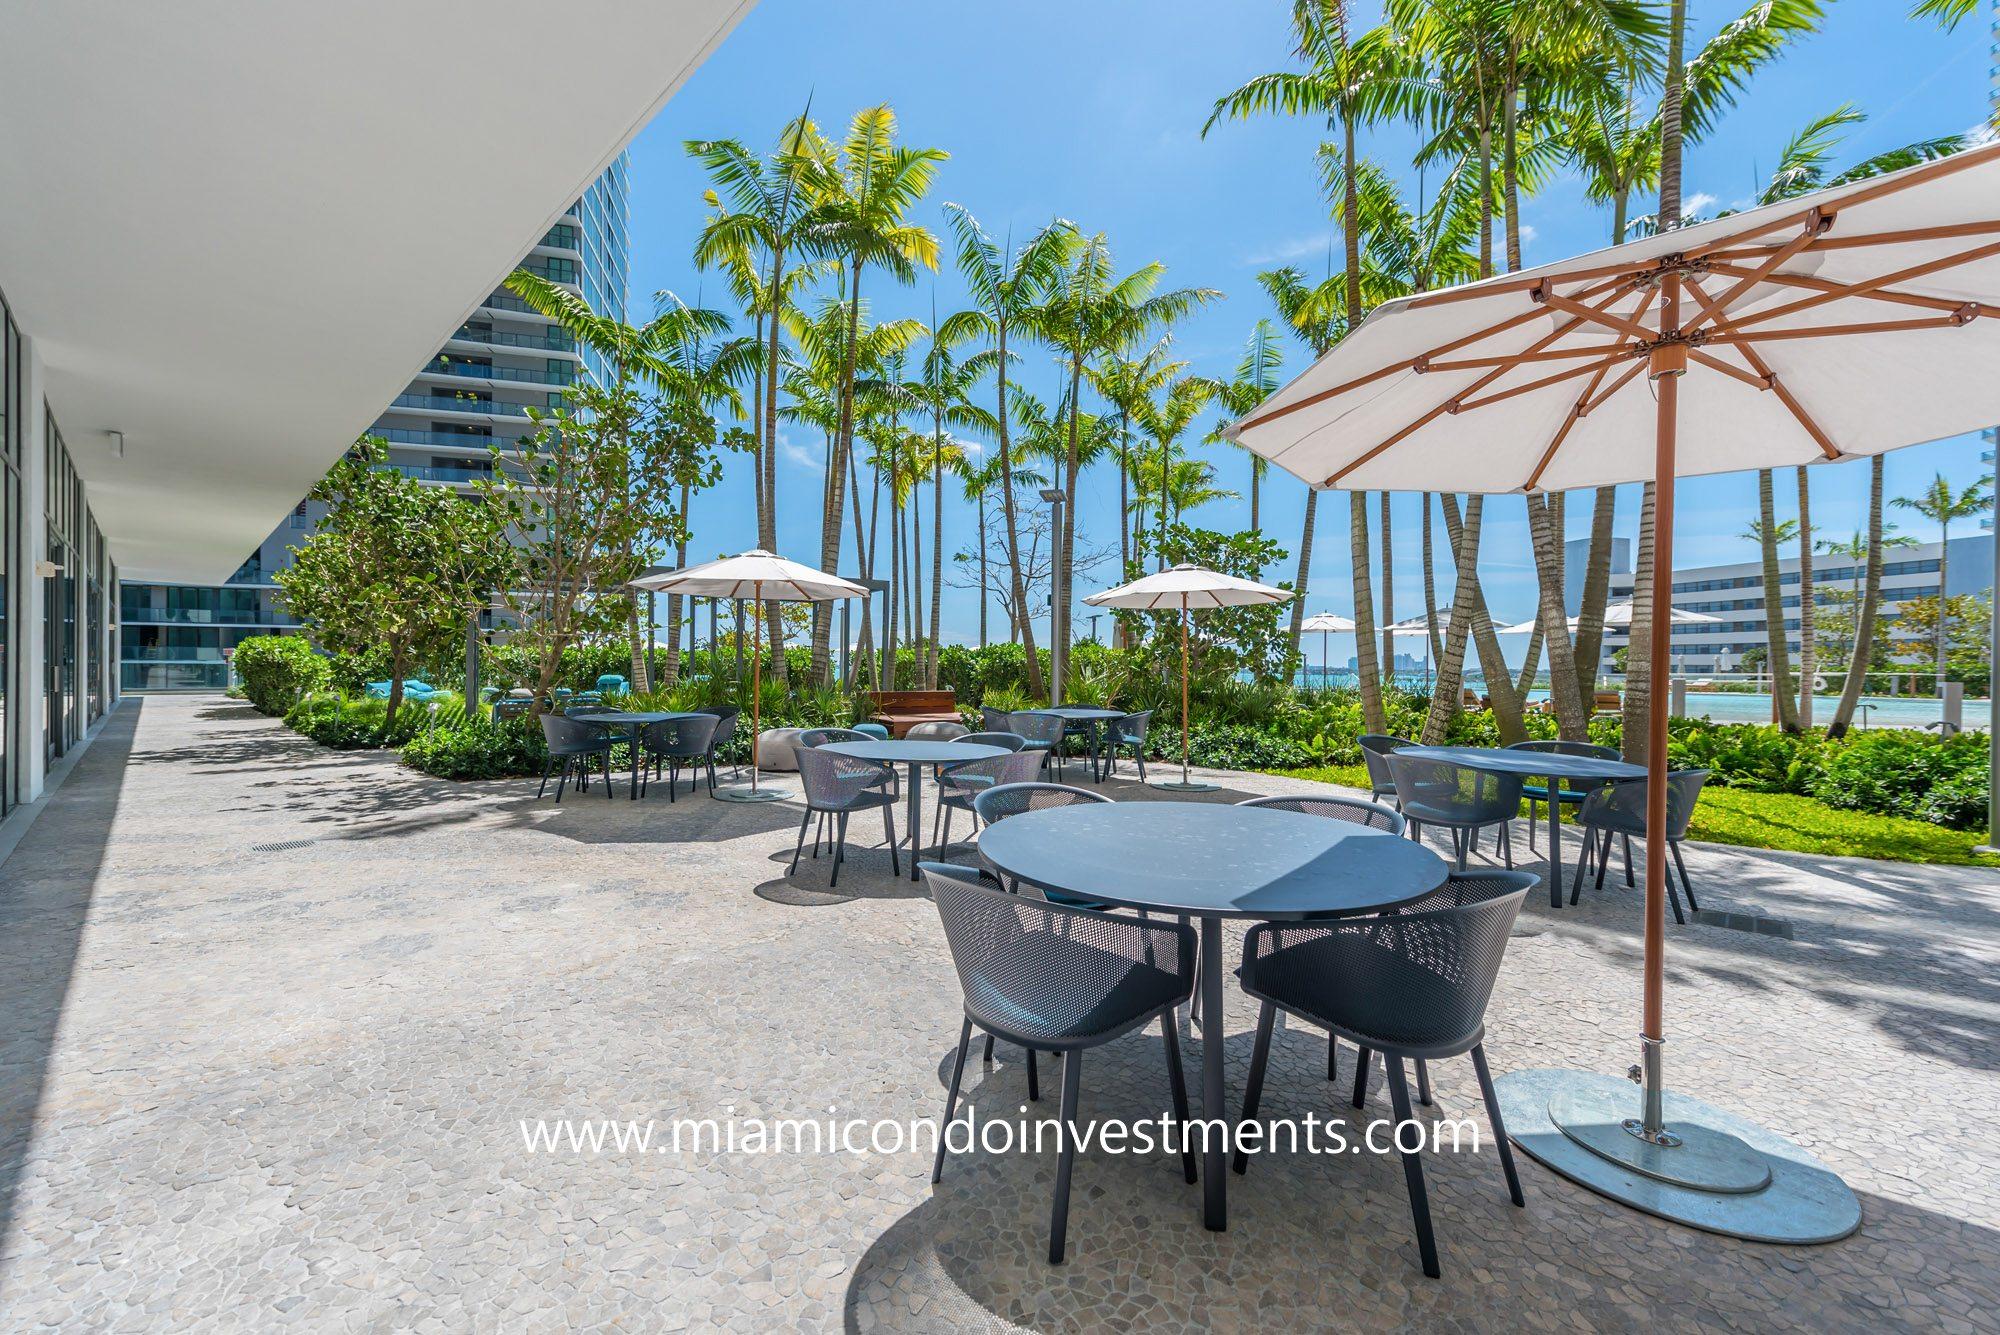 Paraiso Bay outdoor terrace